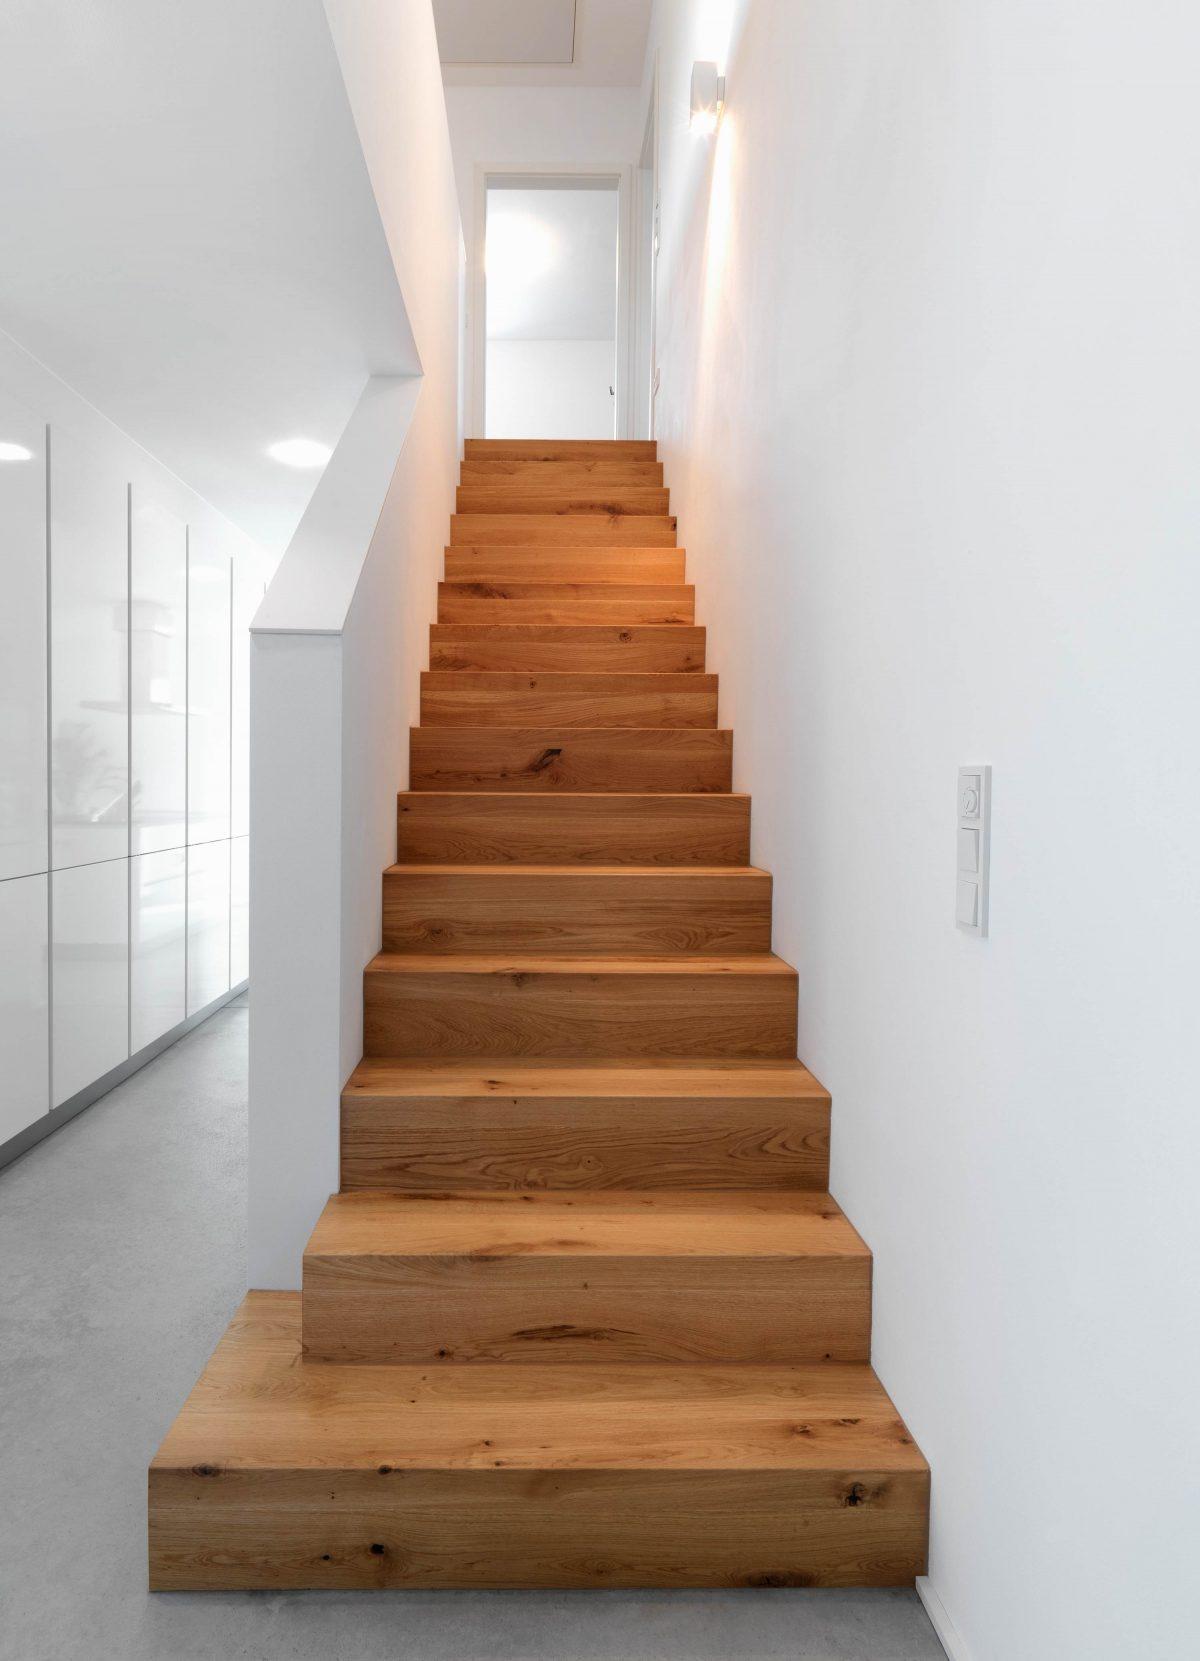 Die gerade Treppe mit Holzblockstufen im Einfamilienhaus